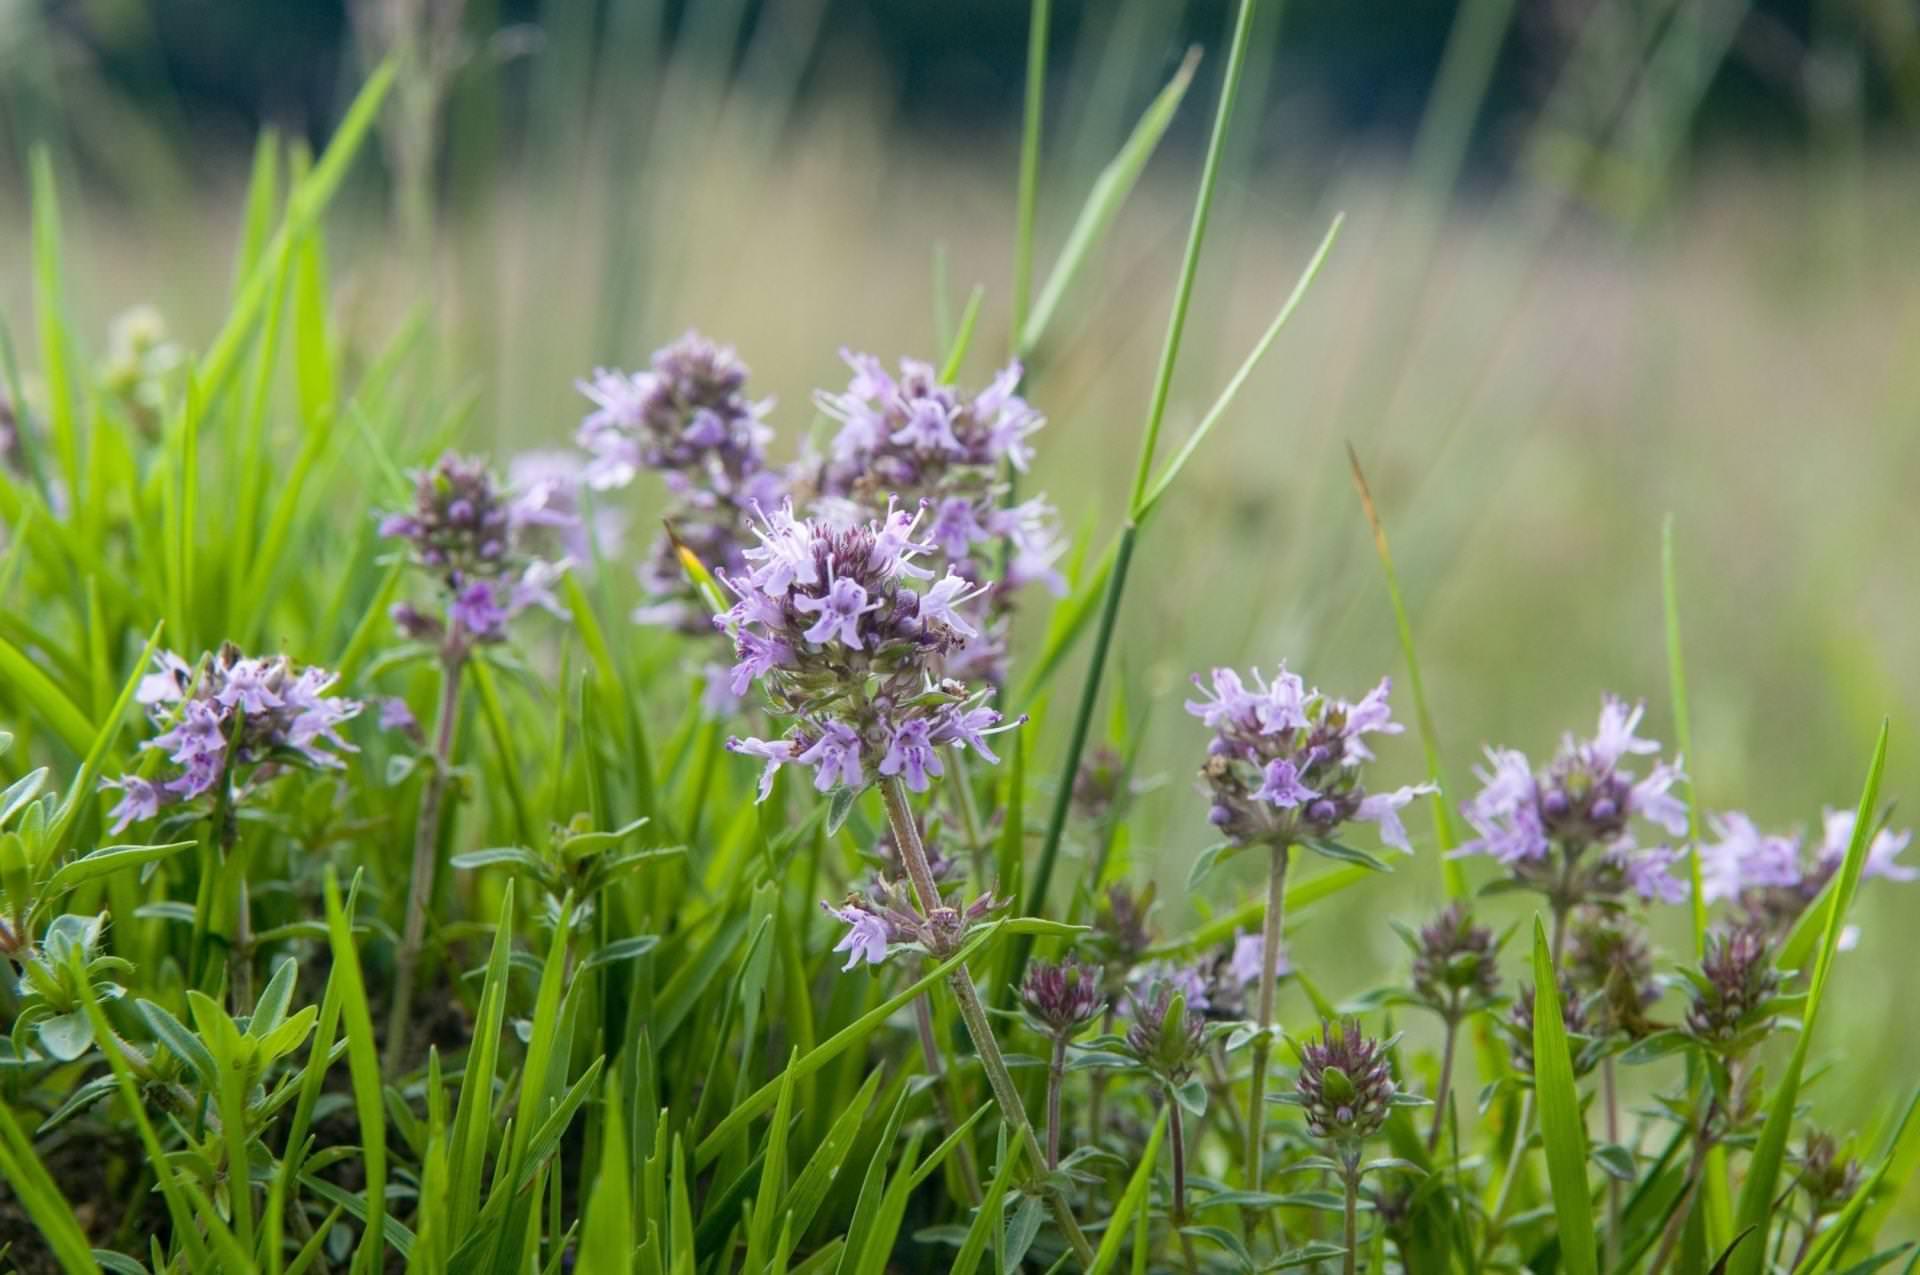 Тимьян обыкновенный – многолетний кустарник с красивым цветением и приятным ароматом